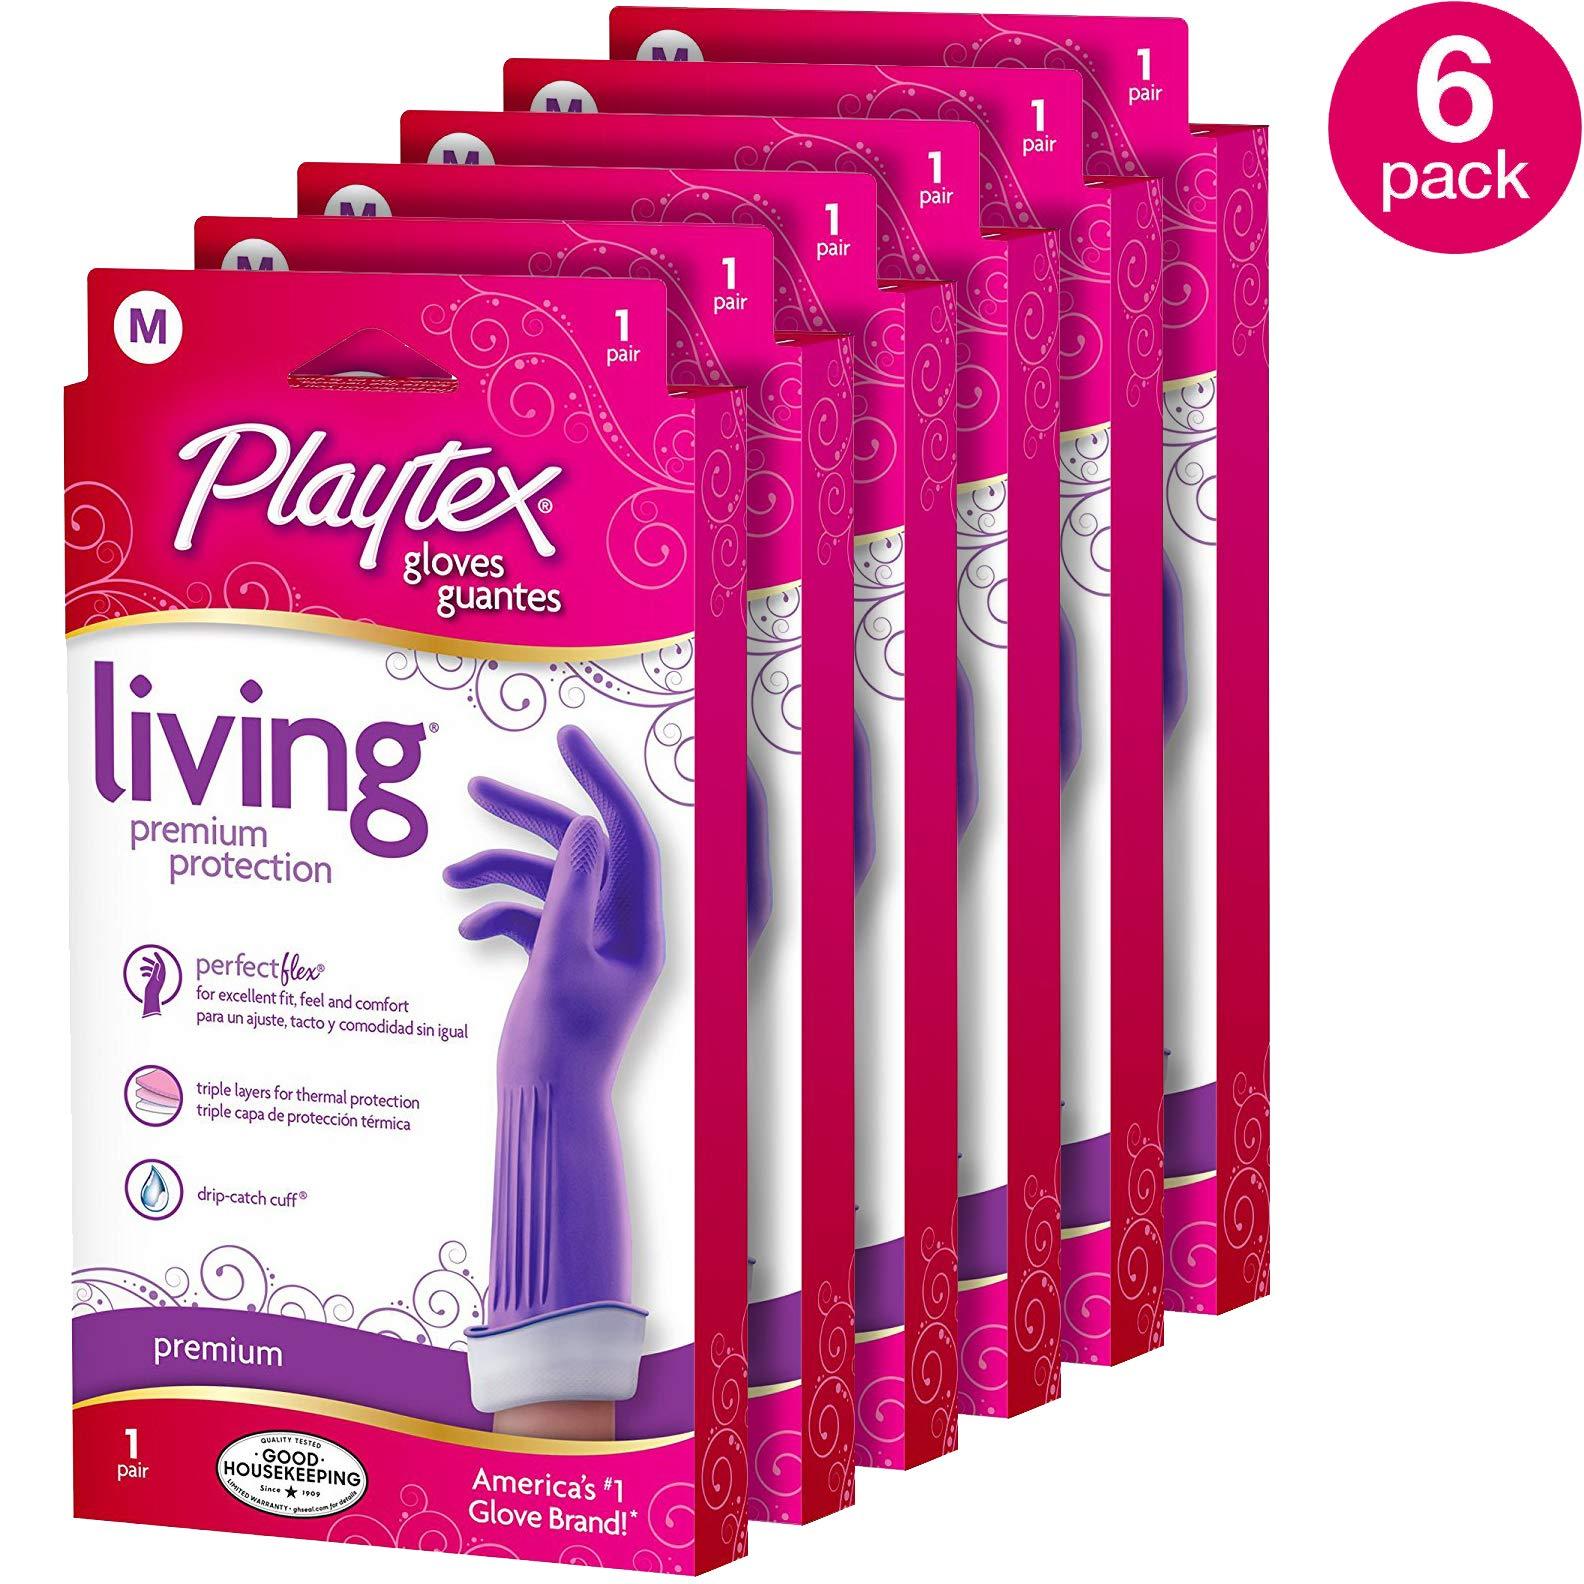 Playtex Living Reuseable Rubber Gloves (Medium, Pack - 6)